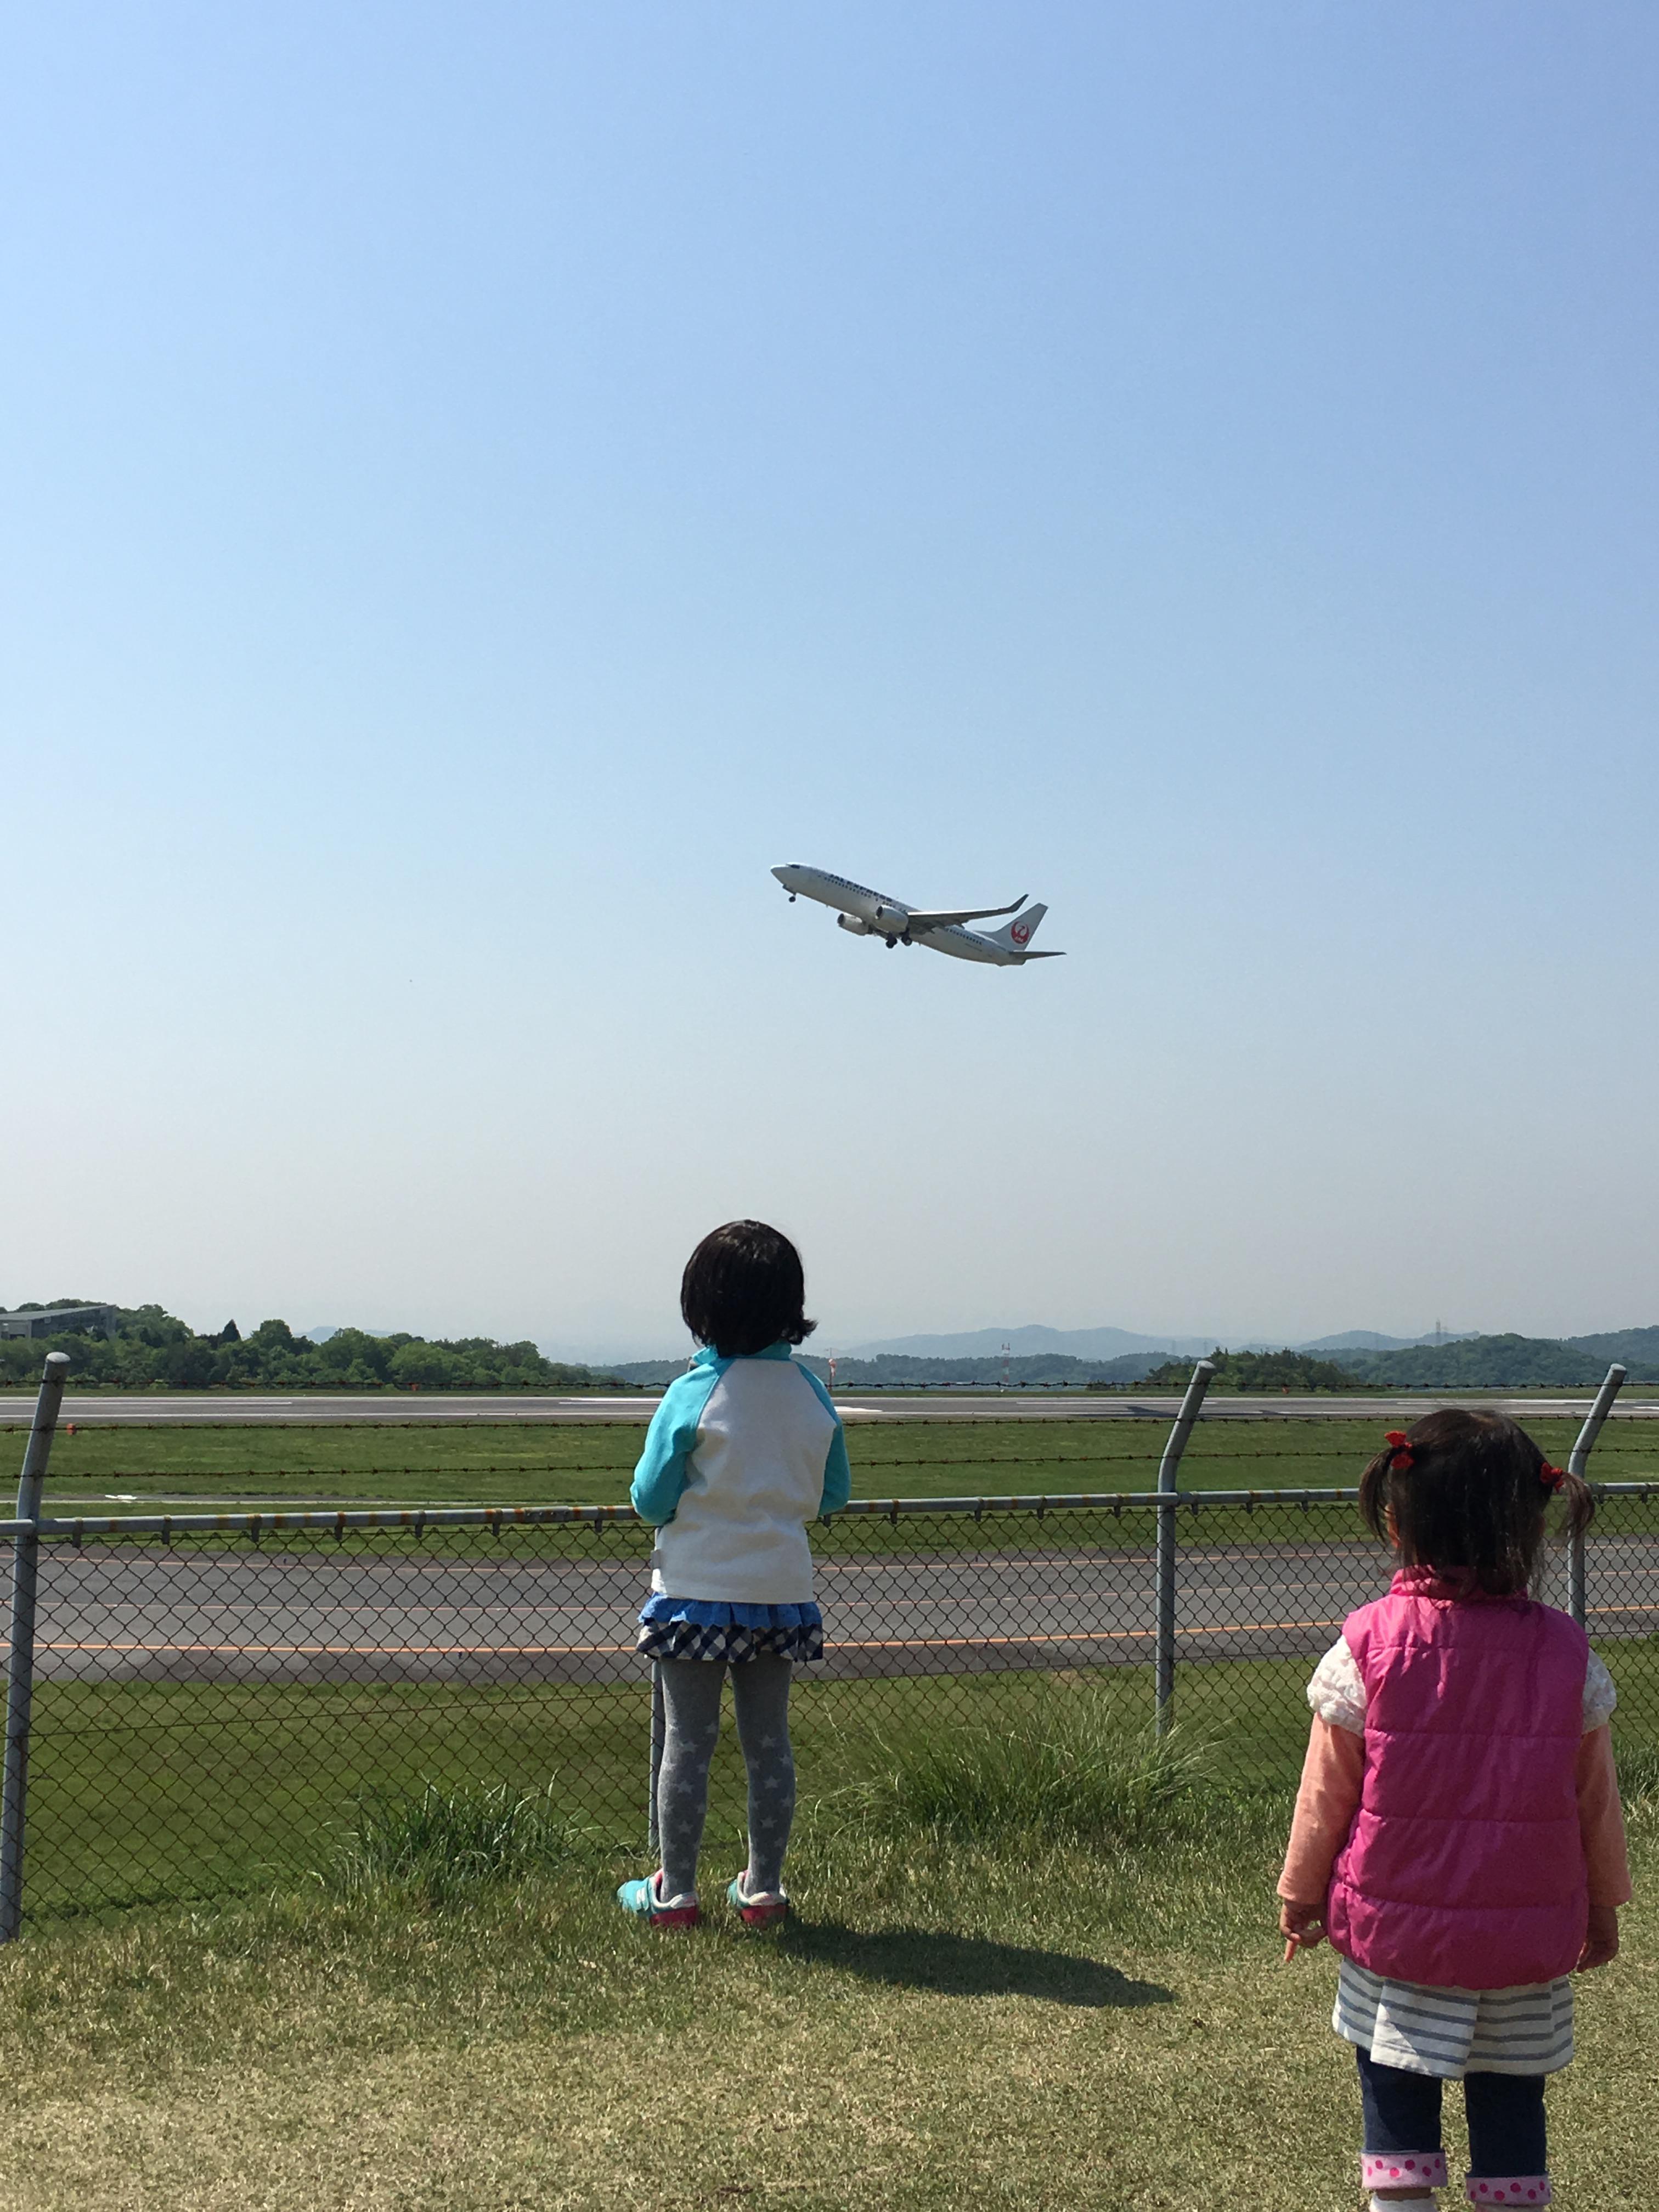 飛行機に見とれる二人